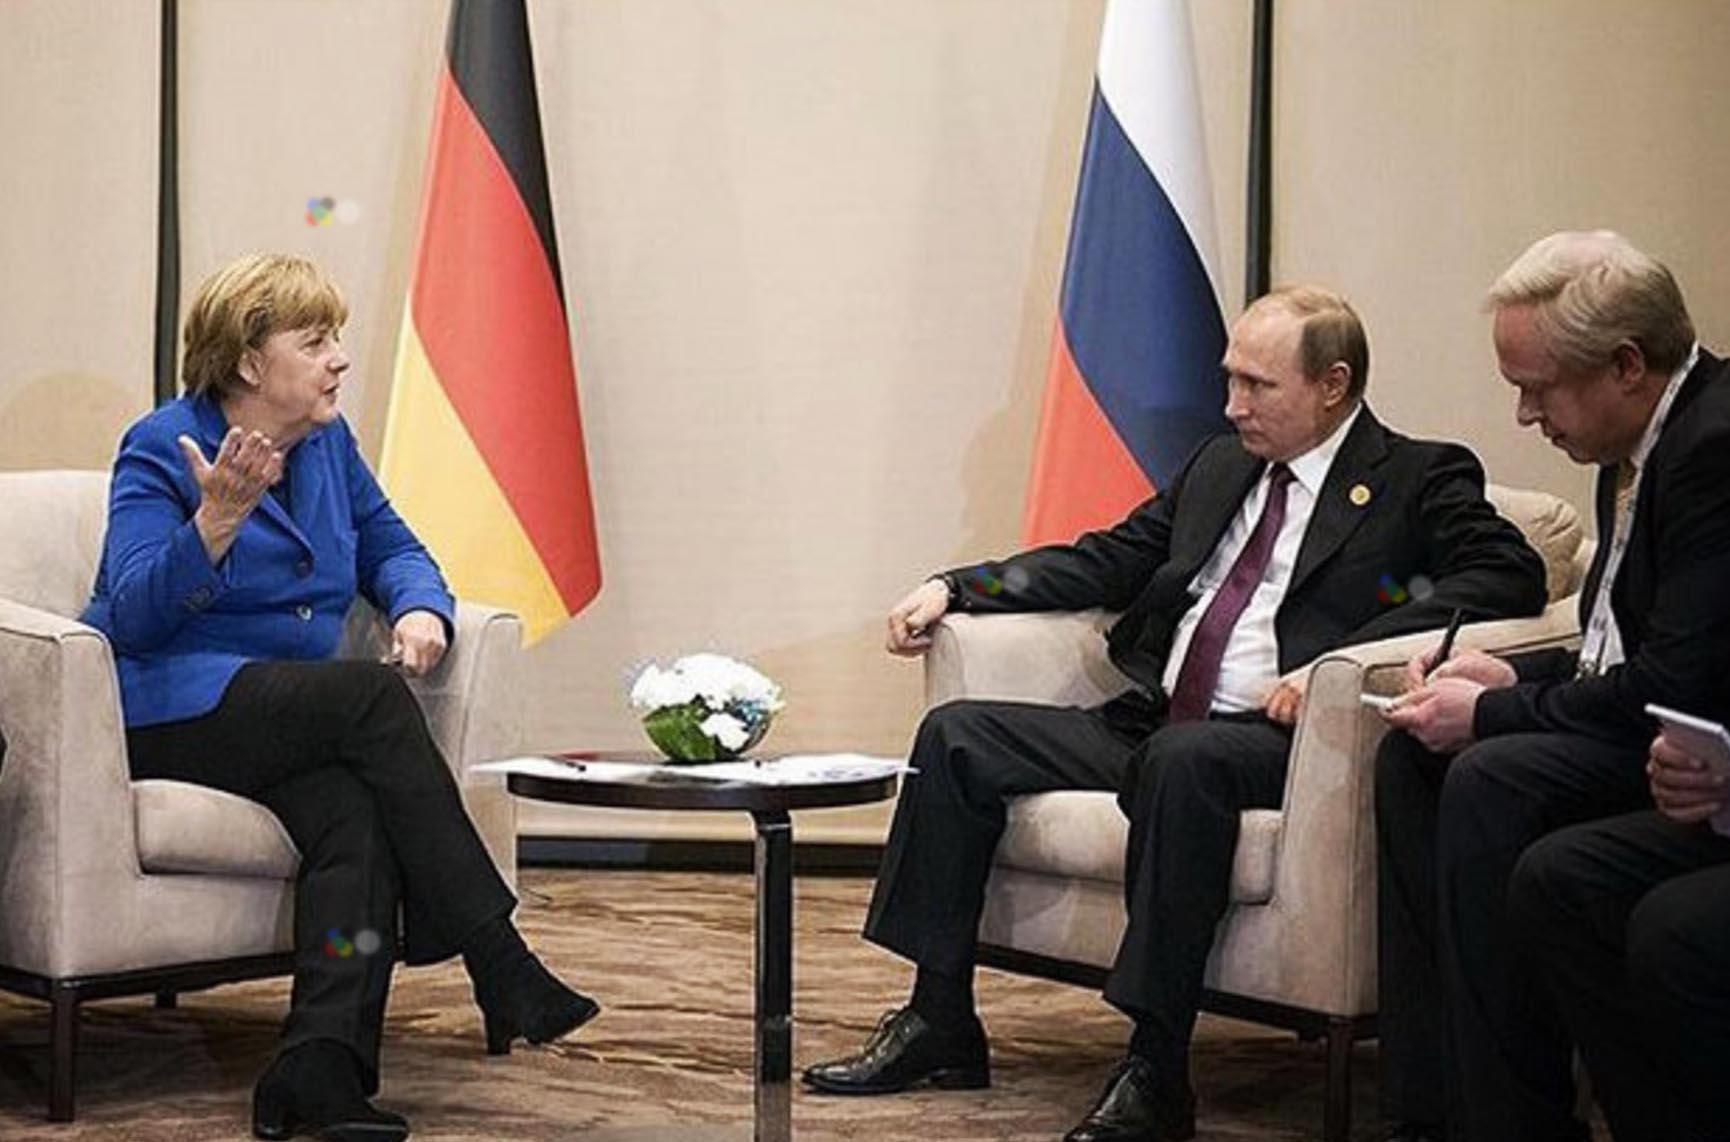 Президент России Владимир Путин и канцлер Германии Ангела Меркель на саммите G20